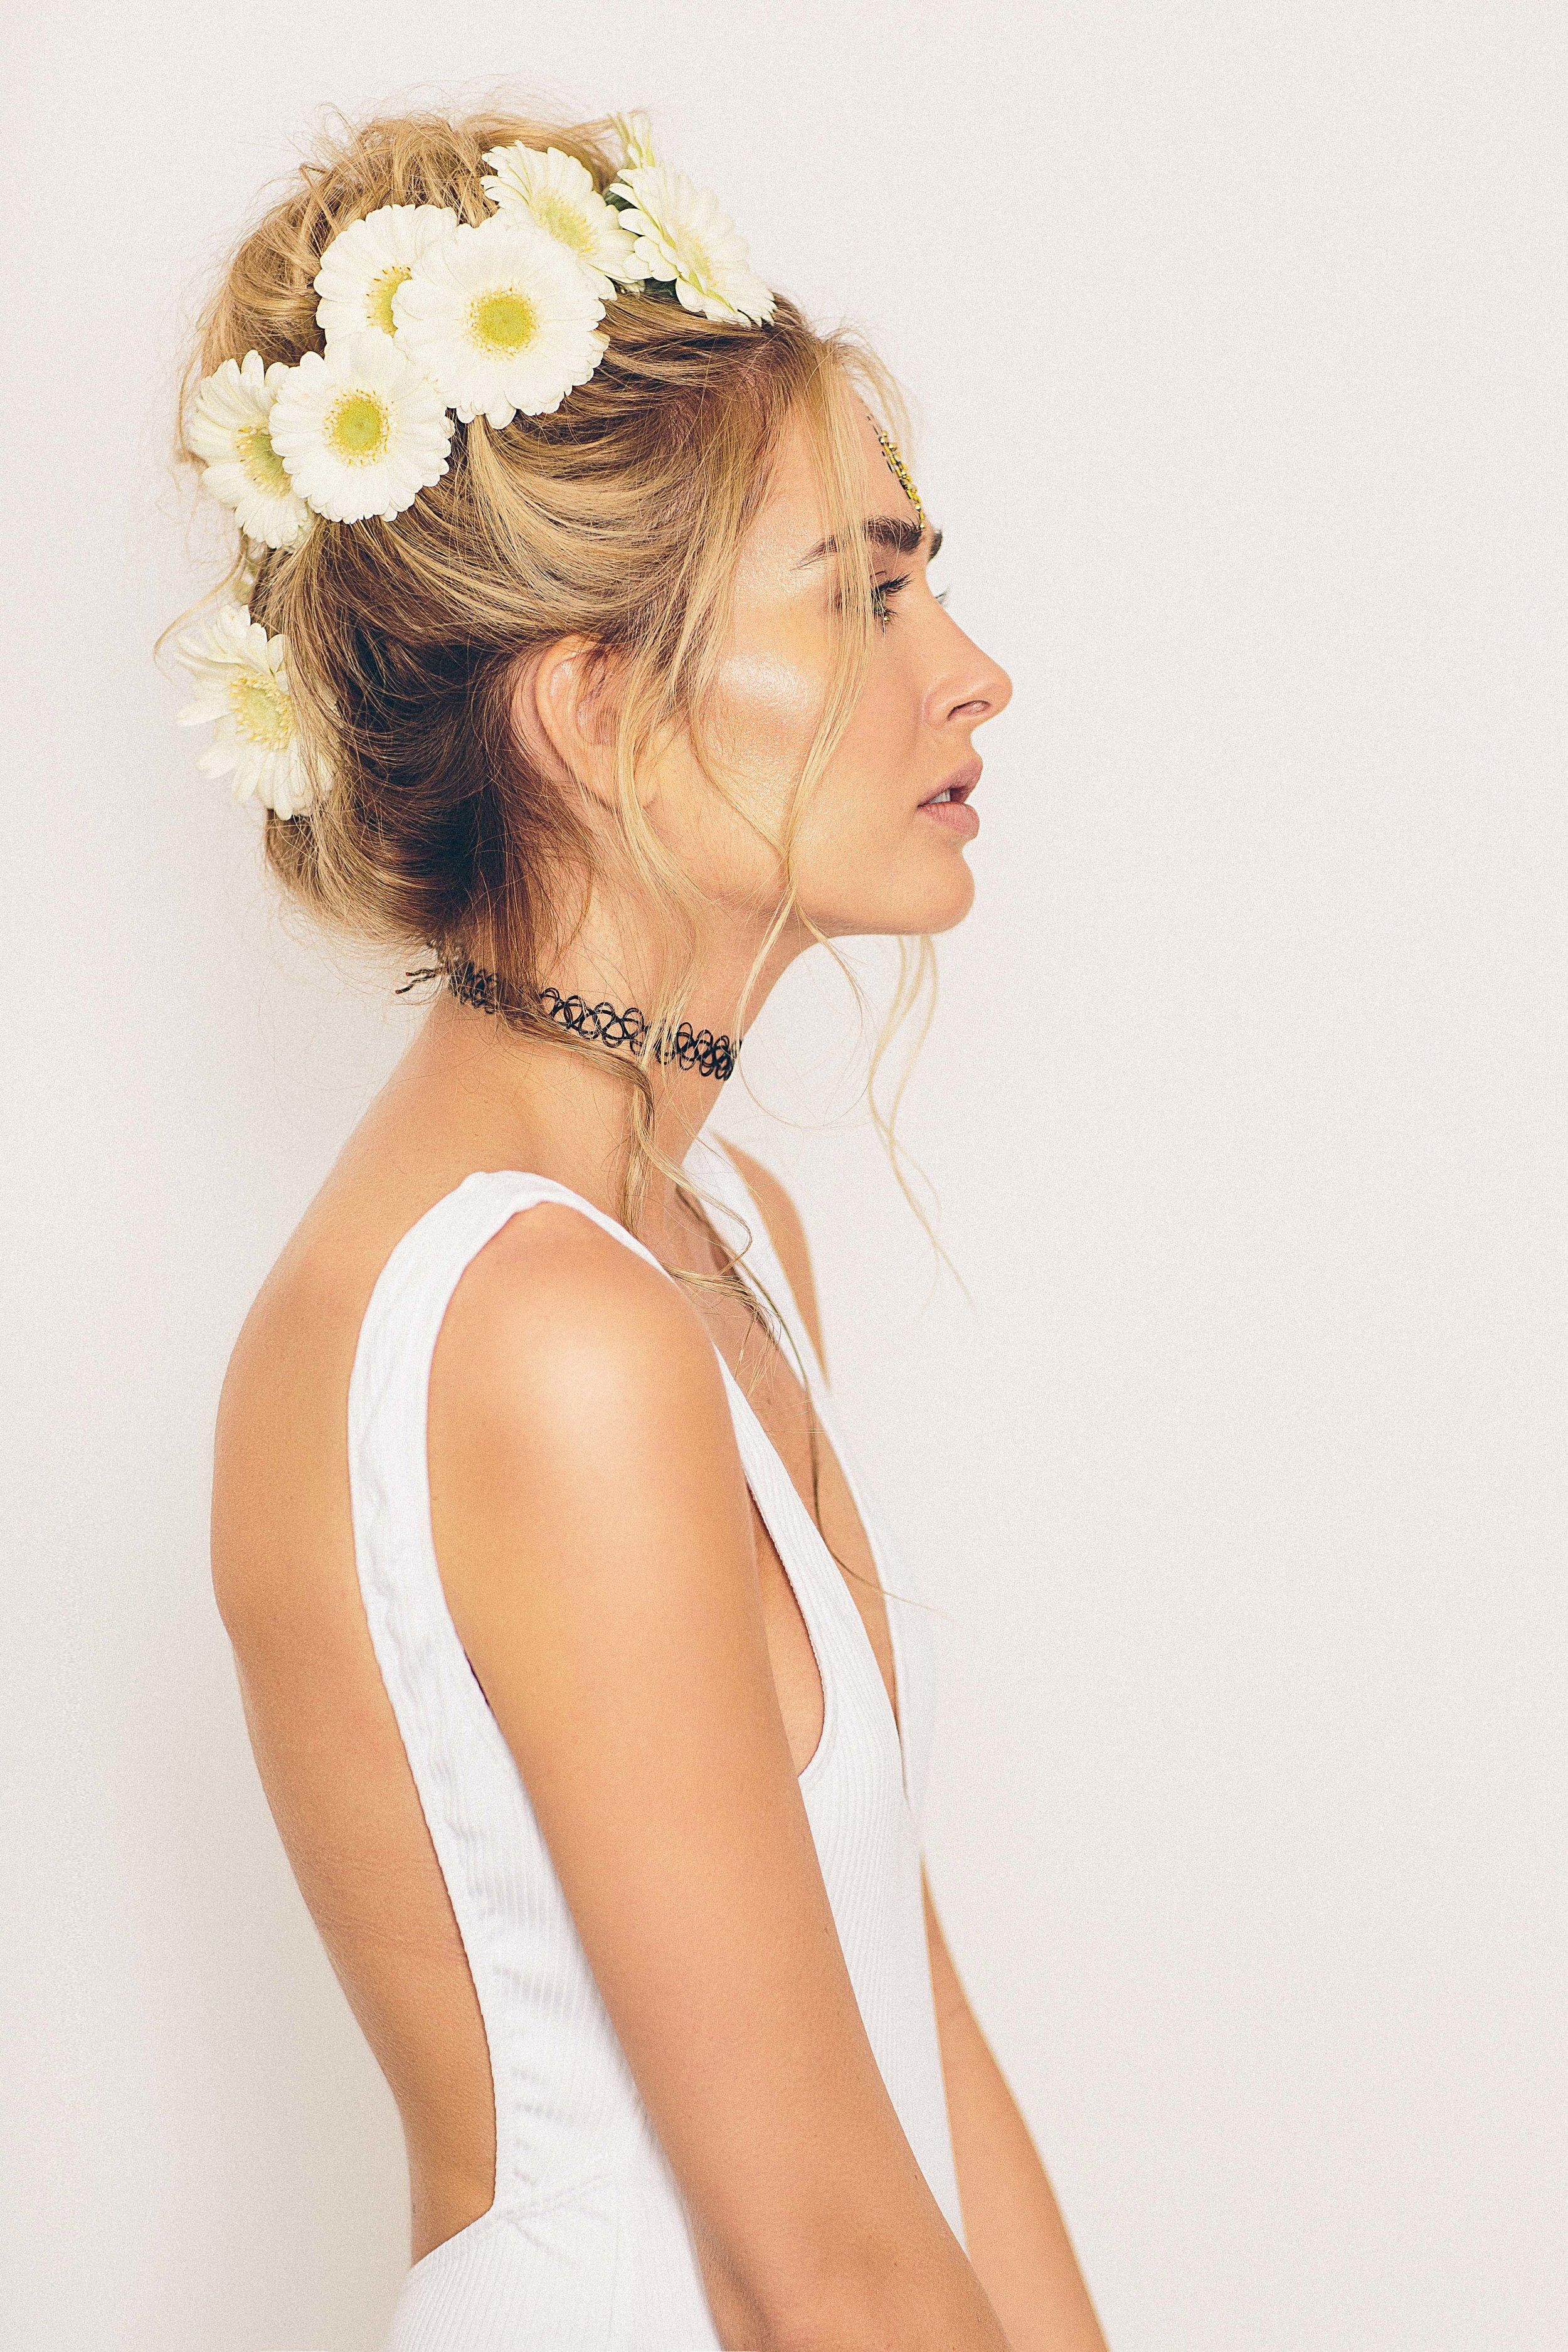 Sarah Goolden - Panda Makeup - Lenis Models - Jessica Withey Photography